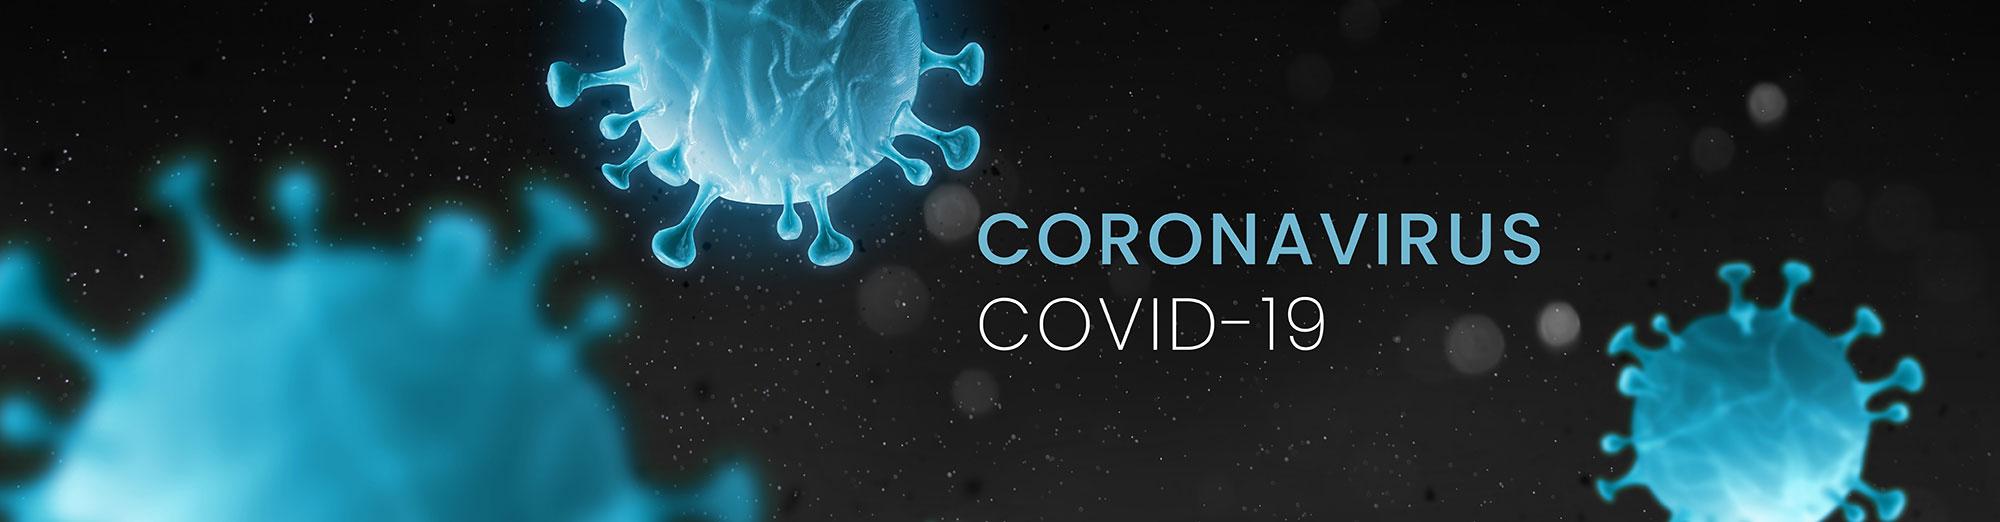 COVID-19 INFORMAZIONI